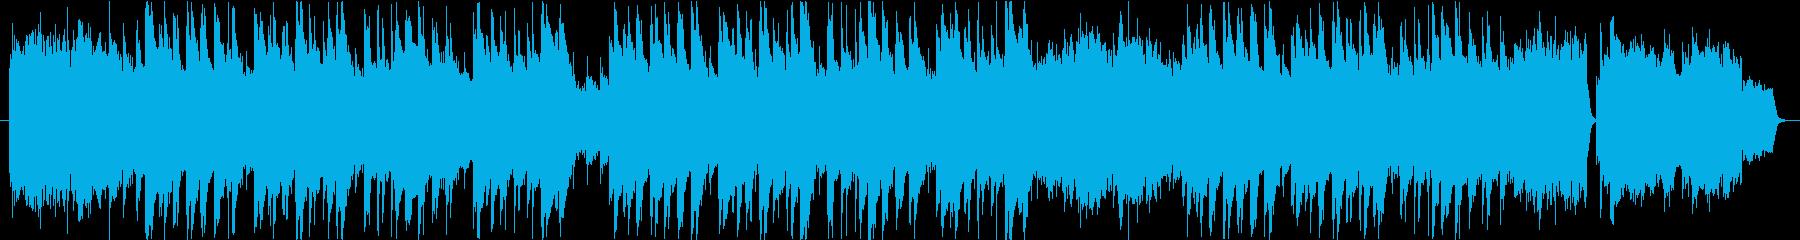 仰げば尊しのオーケストラ風カバーですの再生済みの波形